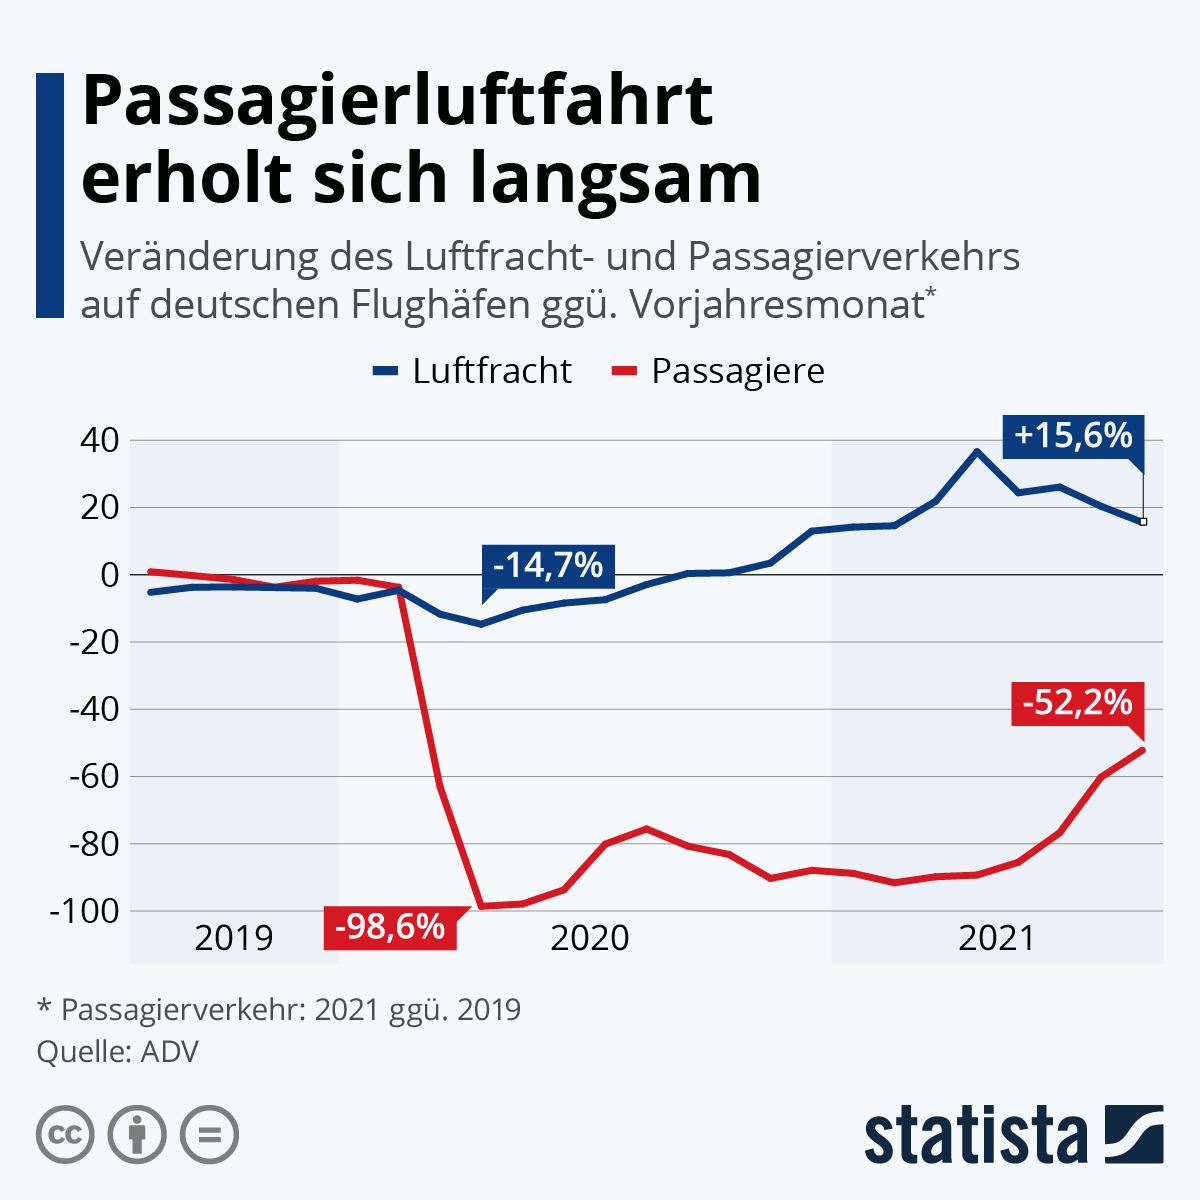 Infografik: So entwickeln sich Cargo- und Passagierluftfahrt | Statista